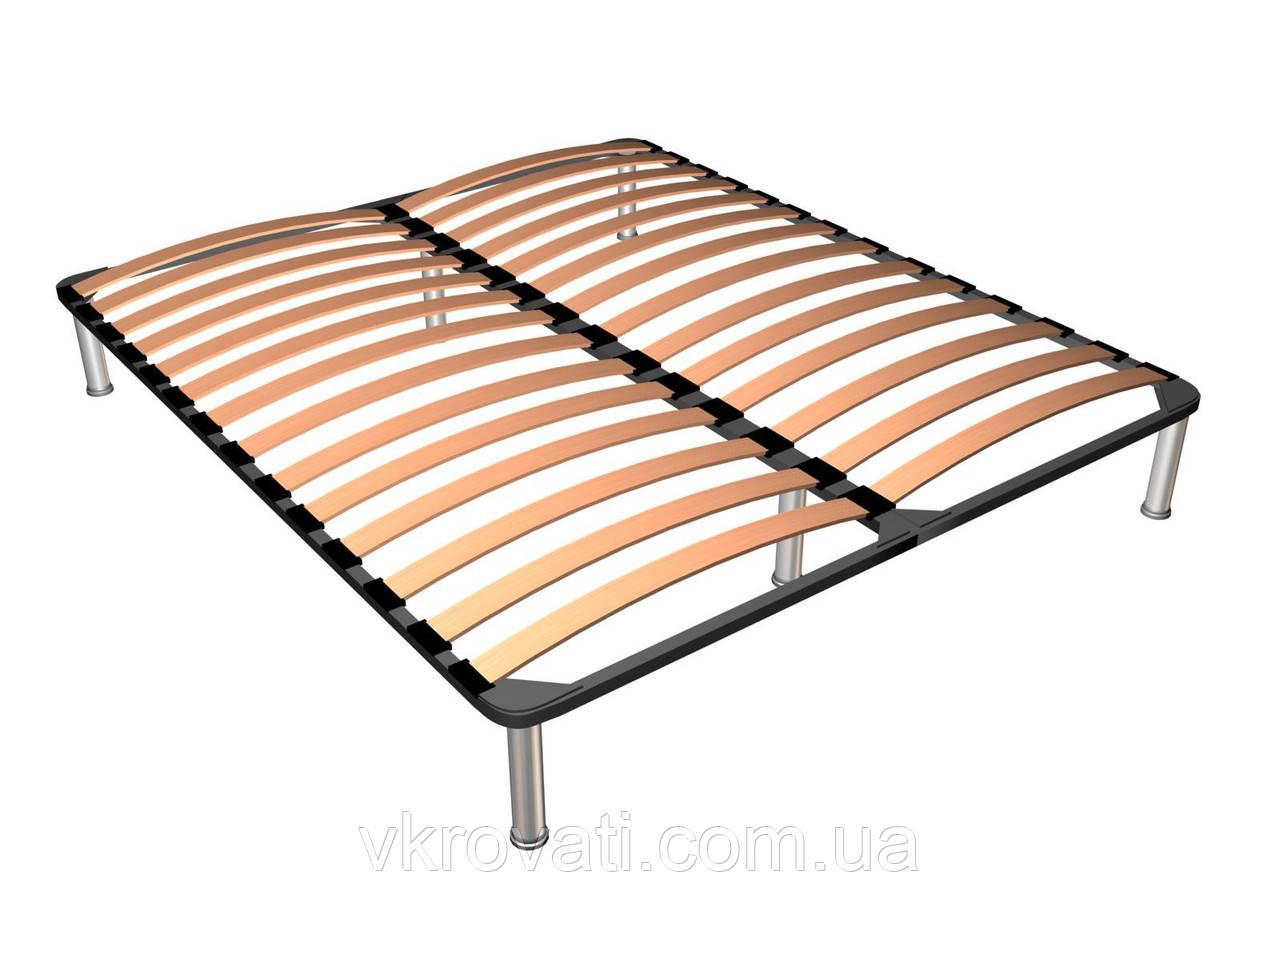 Каркас кровати 140*190 стандартный с ножками